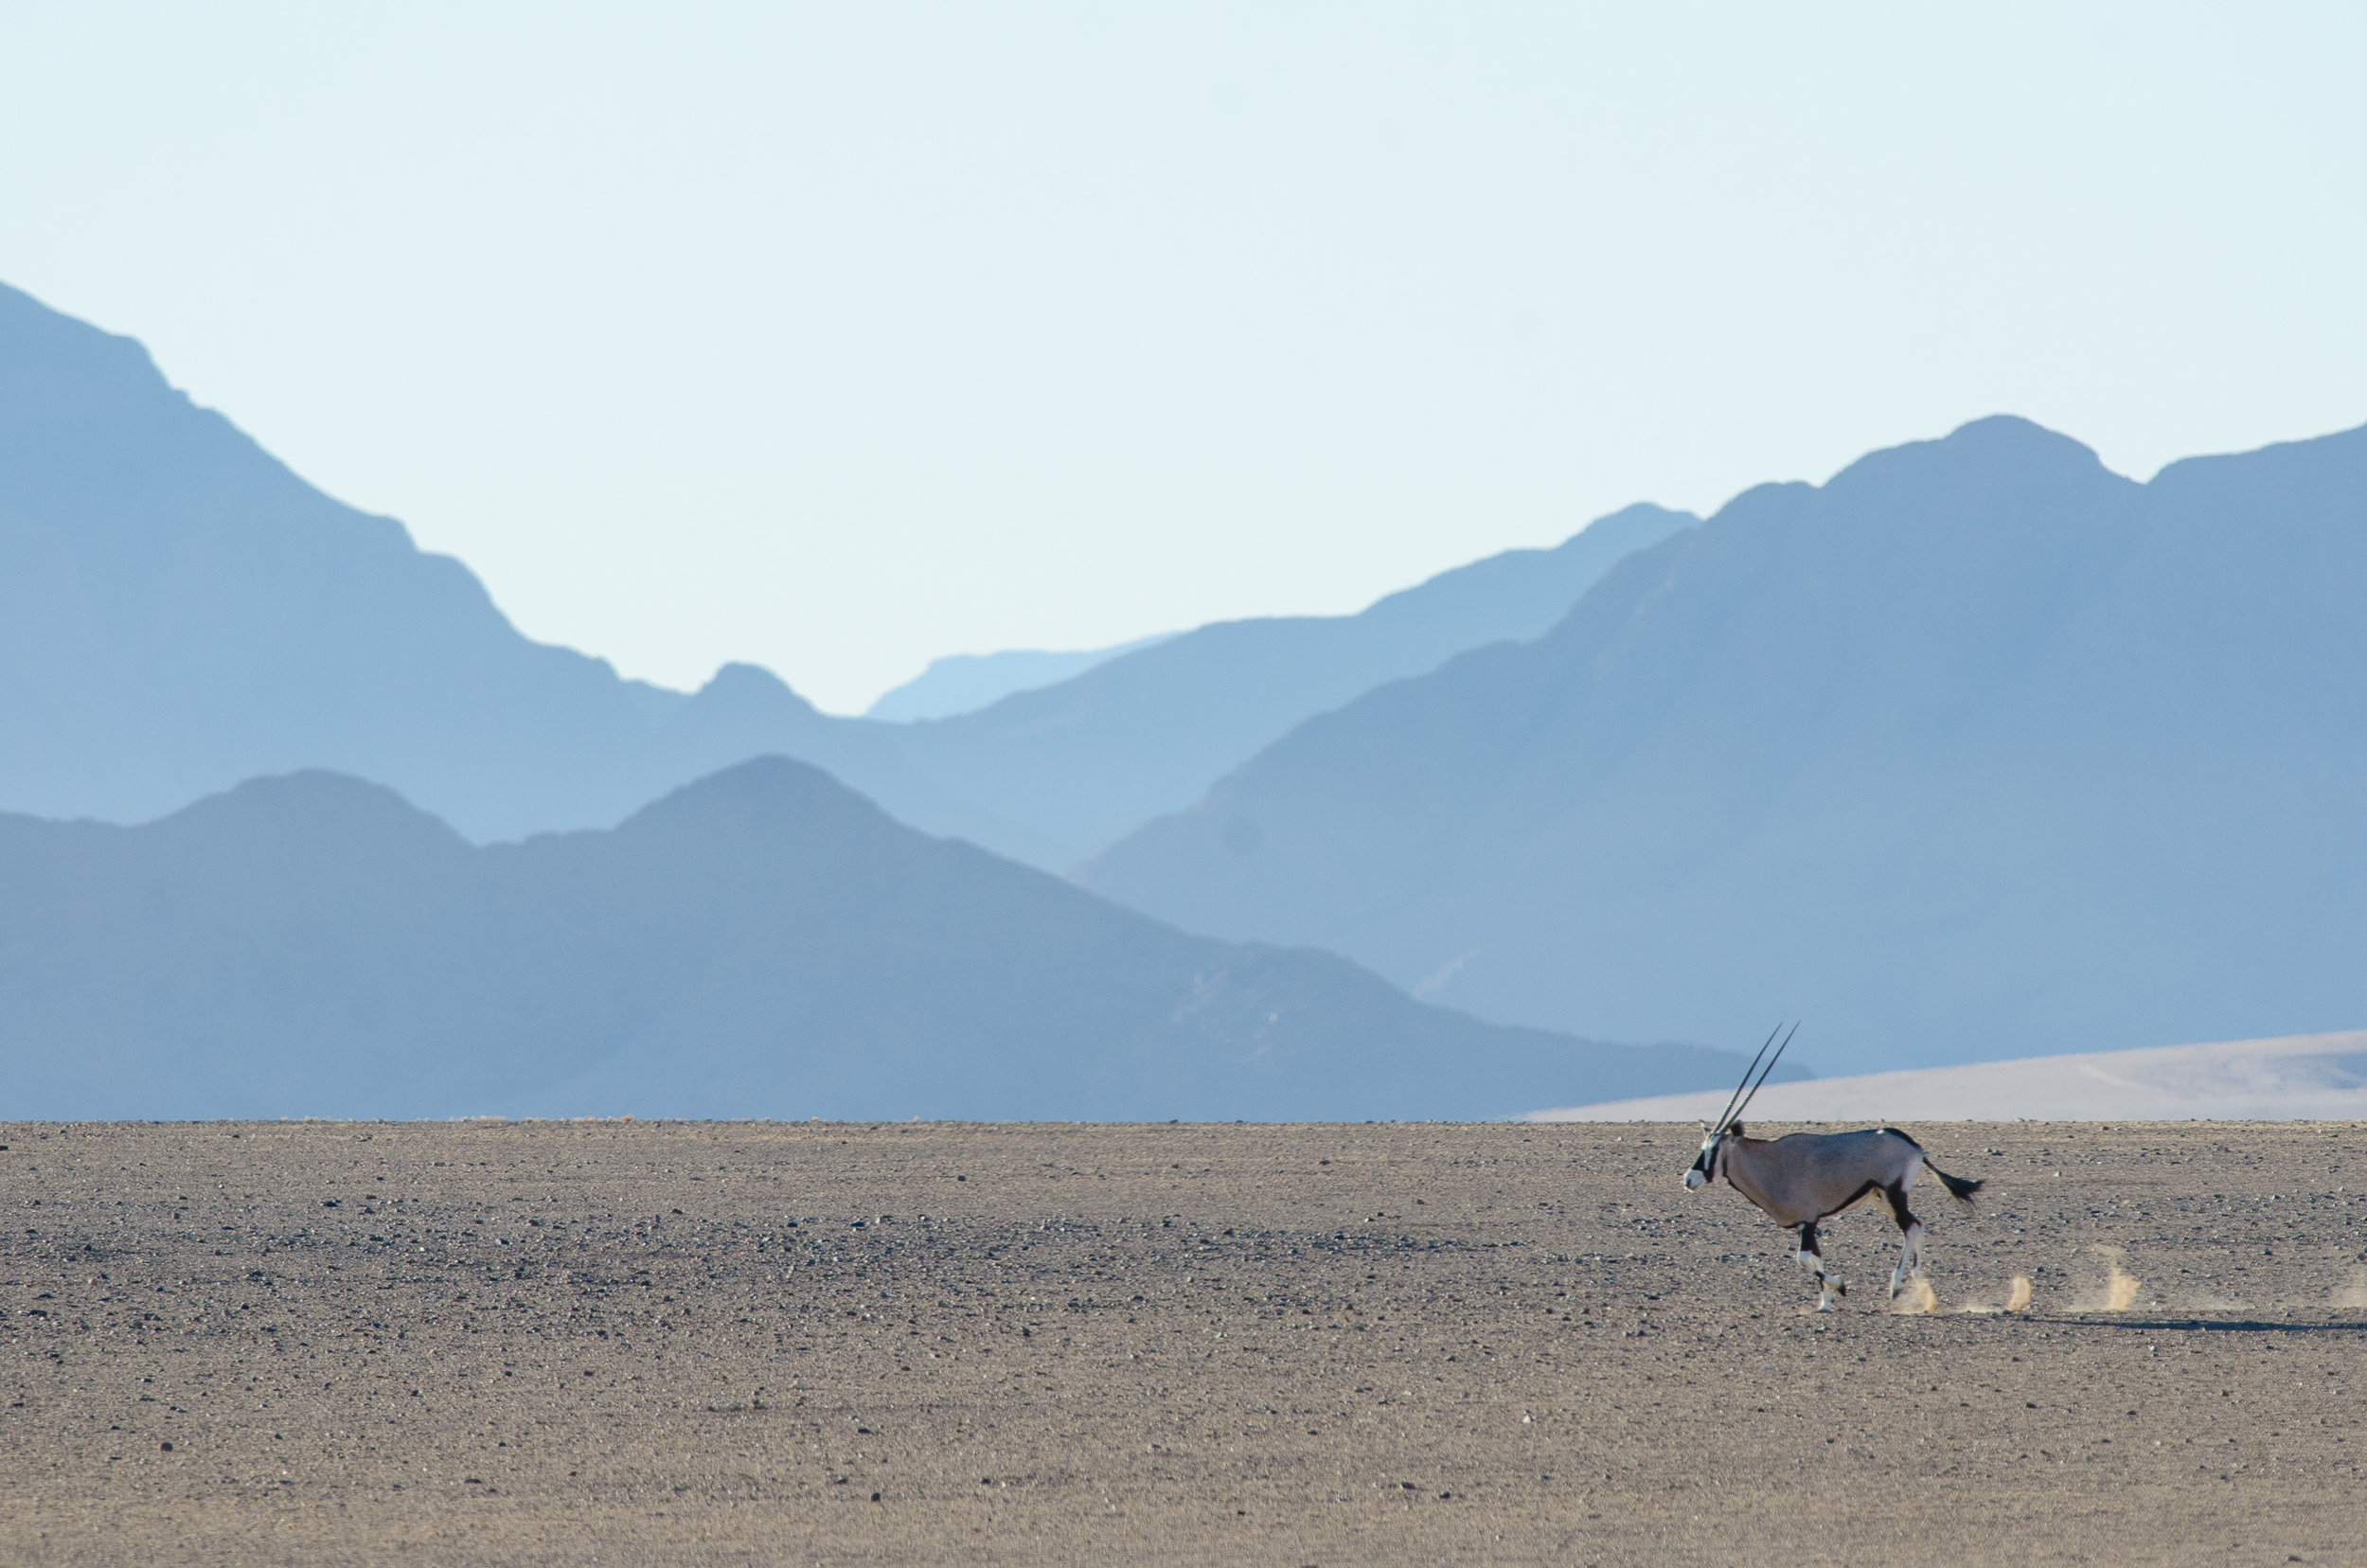 Oryx (Gemsbok)